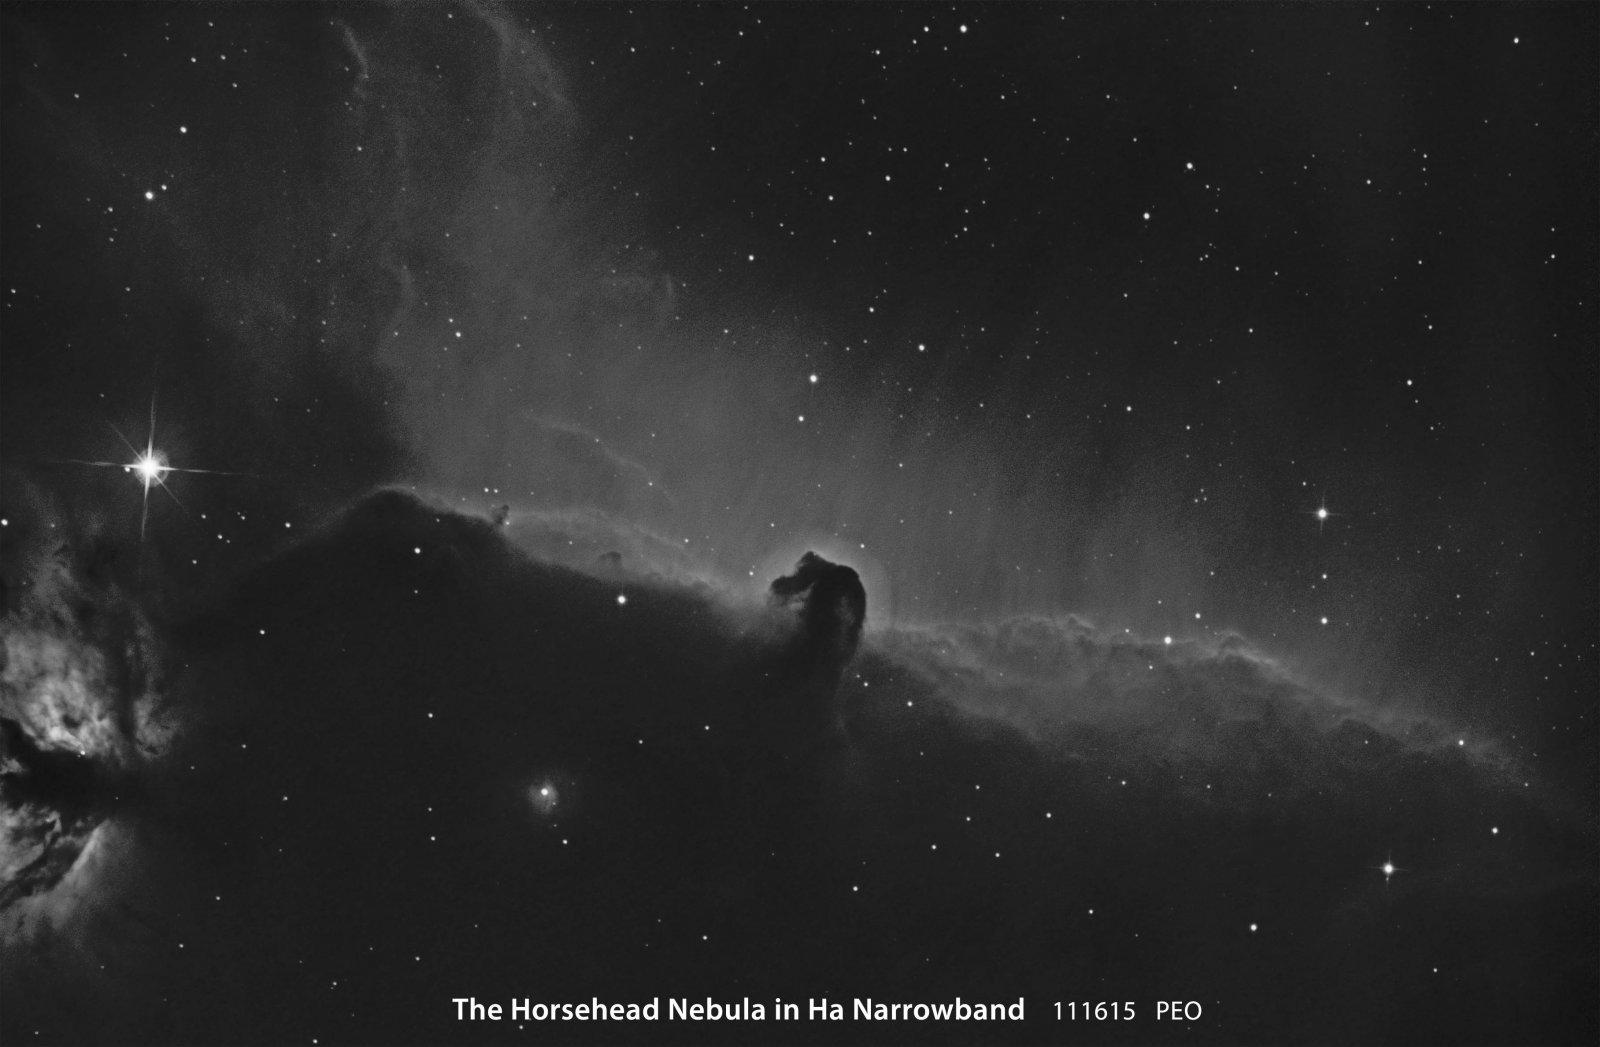 Horsehead Nebula in Ha